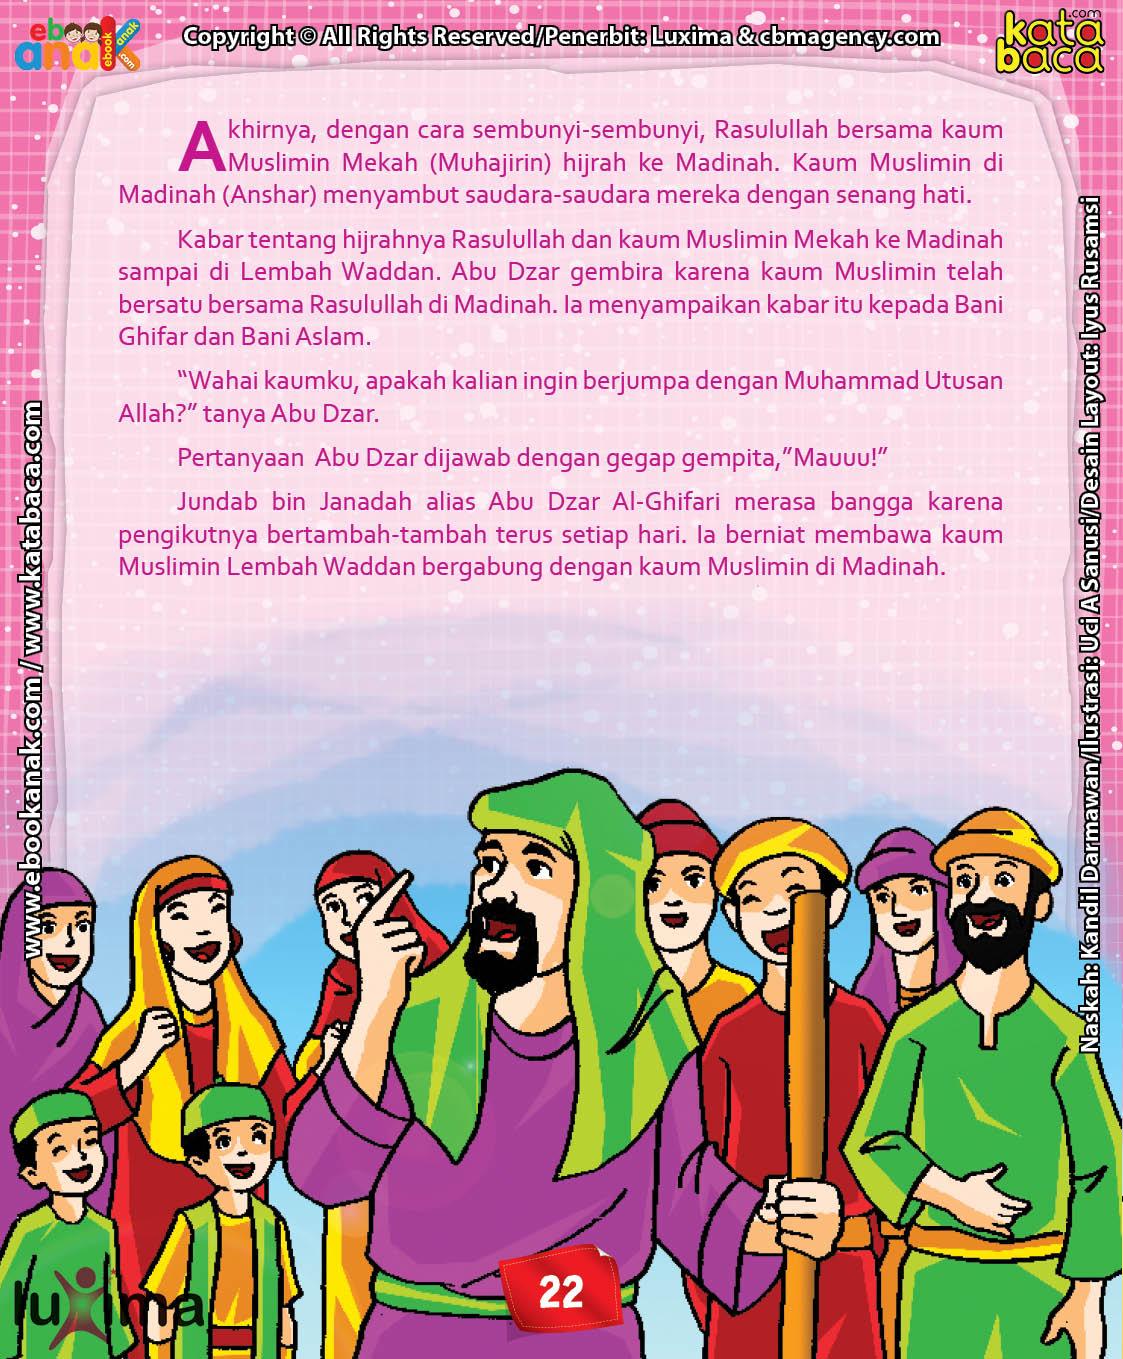 Download Ebook Abu Dzar Al Ghifari, Inilah Kabar yang Membuat Abu Dzar Gembira